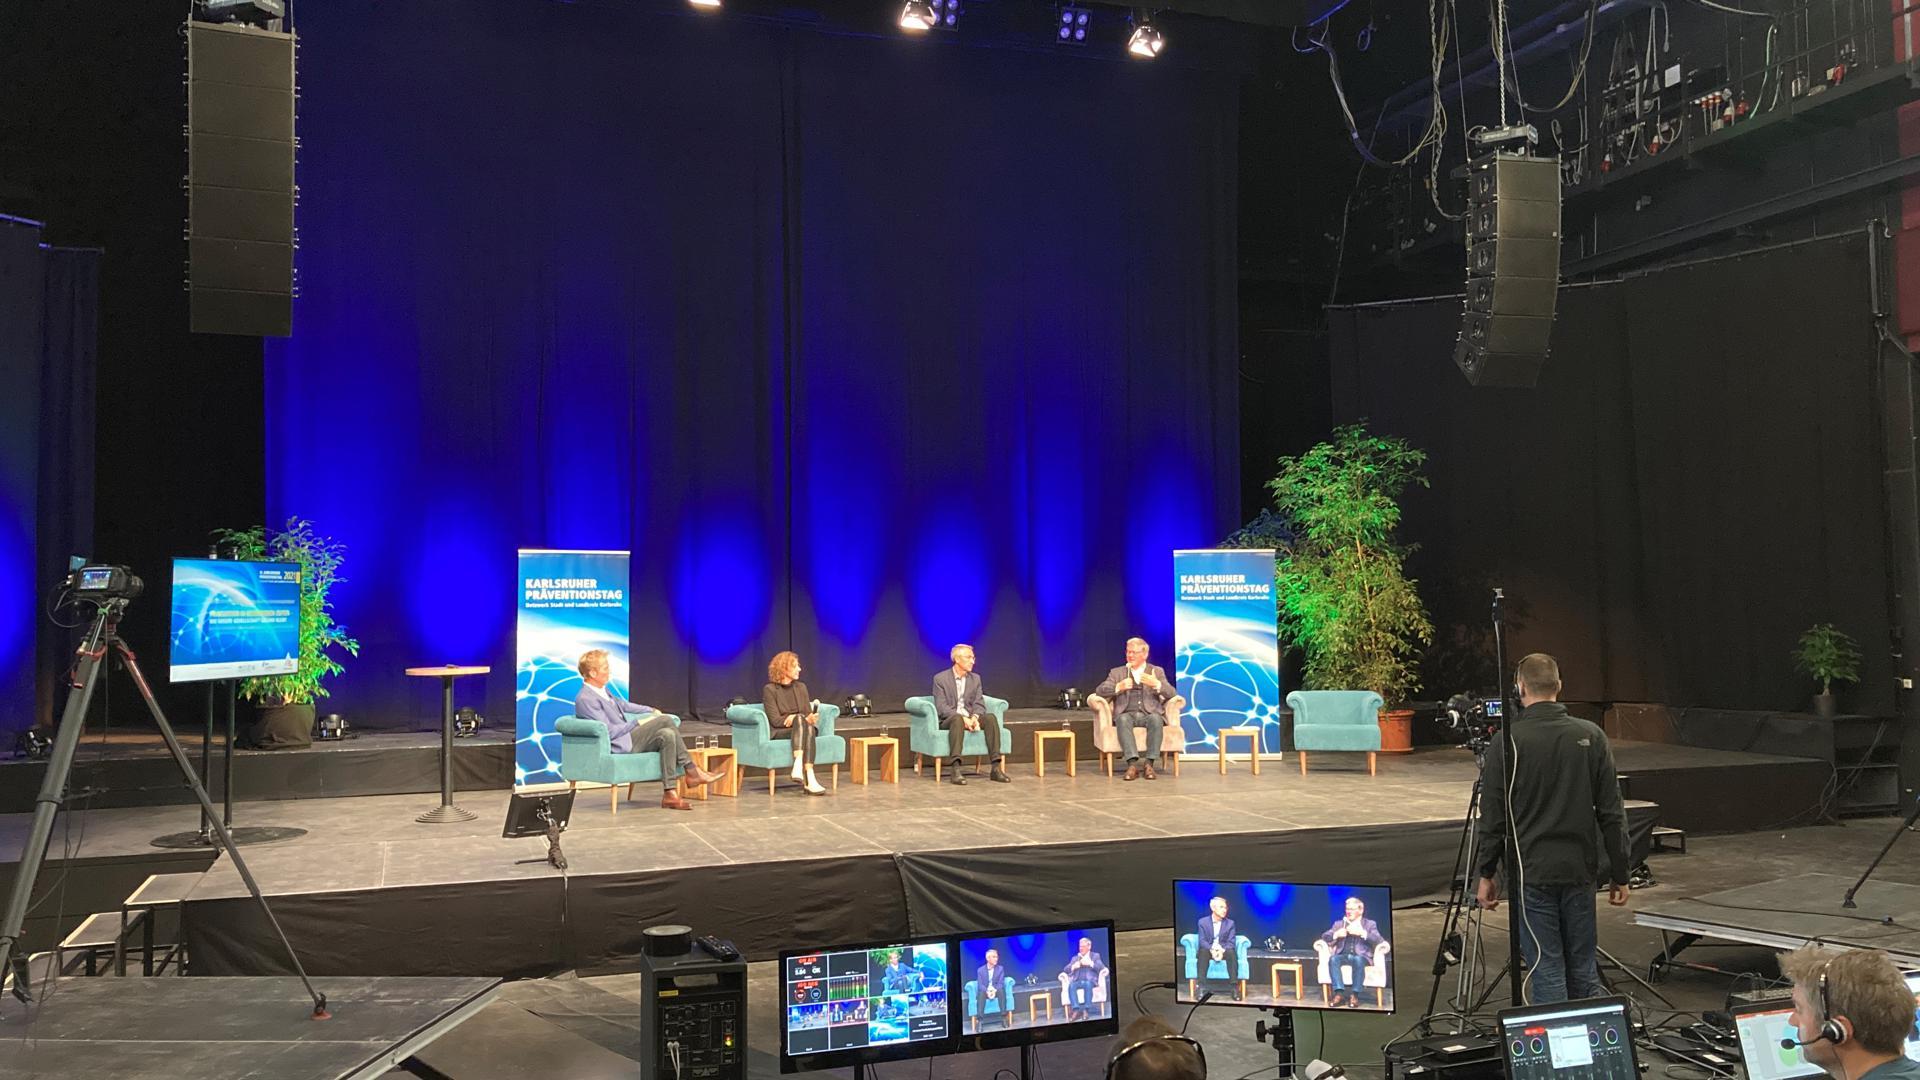 Über digitale Veränderung wurde nicht nur gesprochen: Der Karlsruher Präventionstag wurde am Dienstag bereits zum zweiten Mal in Folge live aus dem Tollhaus zu den Teilnehmenden nach Hause übertragen.